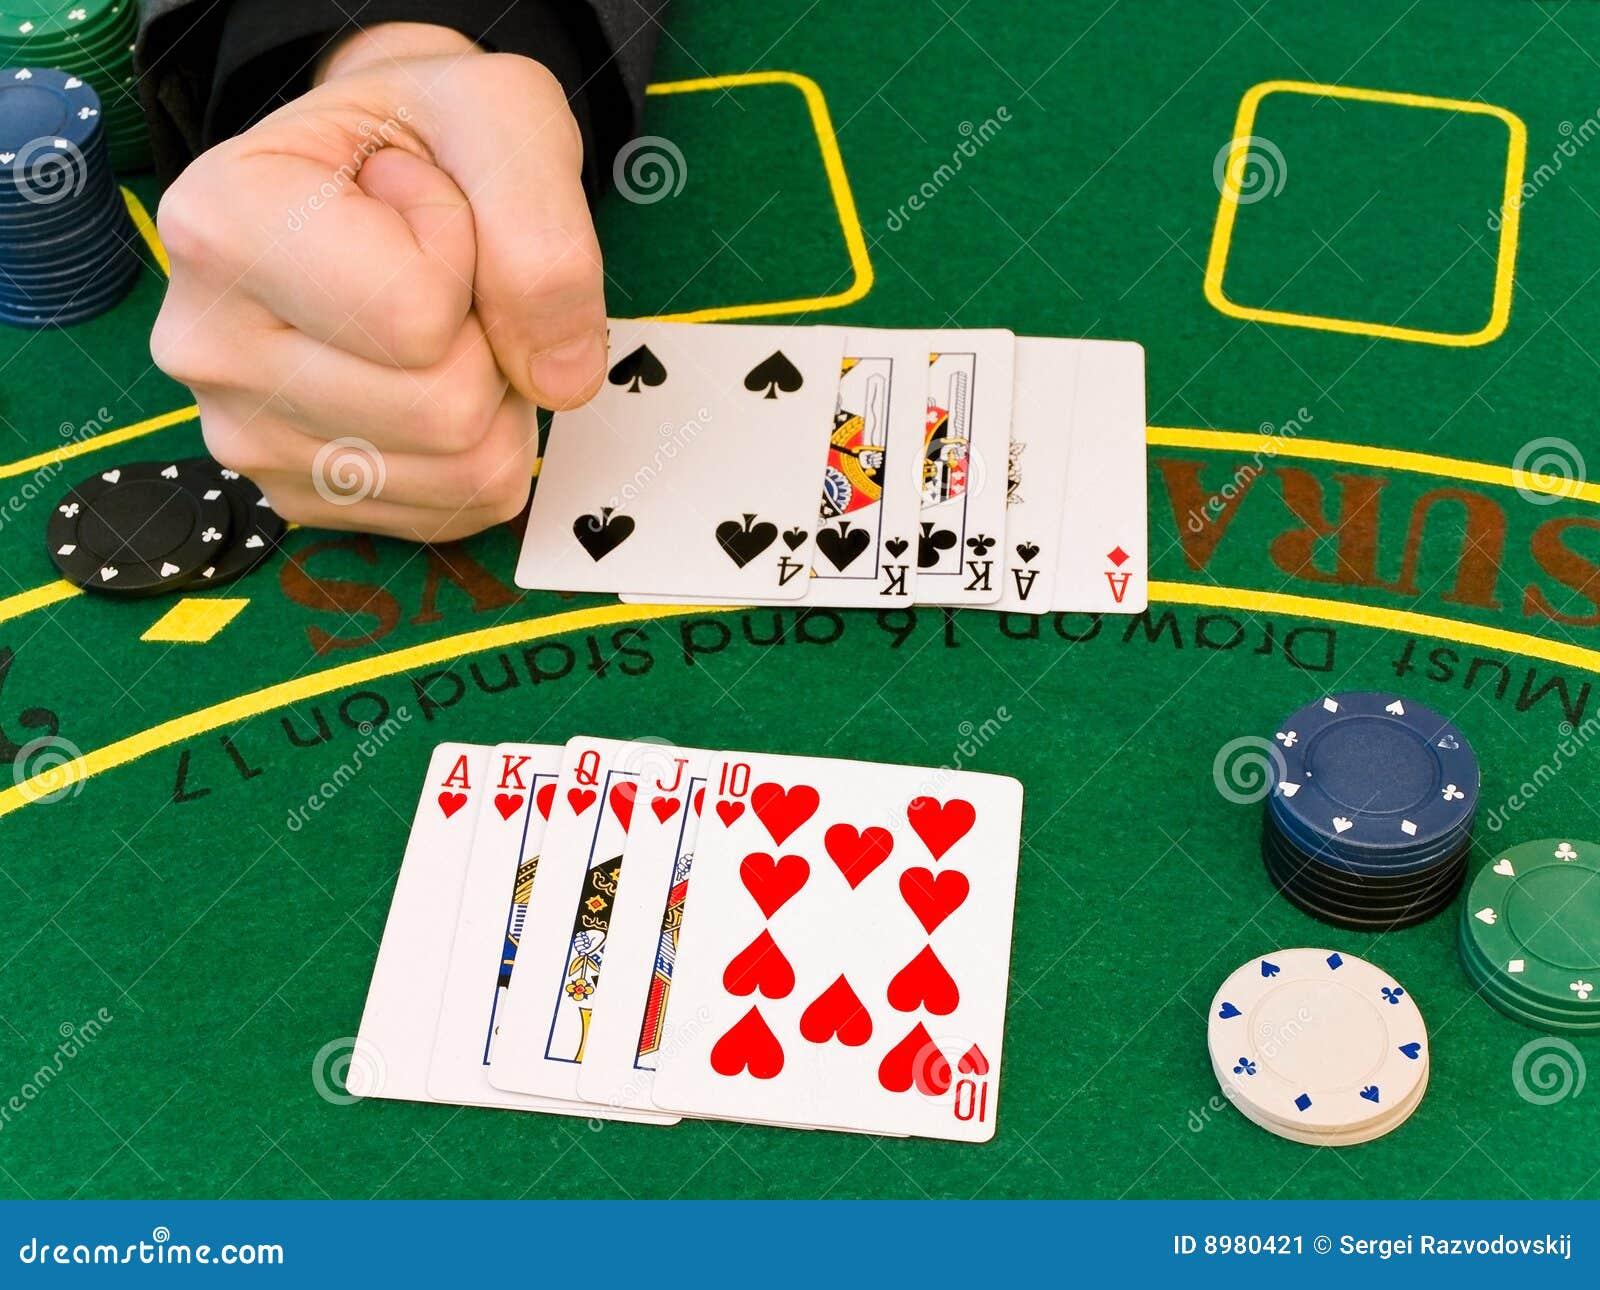 igri-v-karti-na-dengi